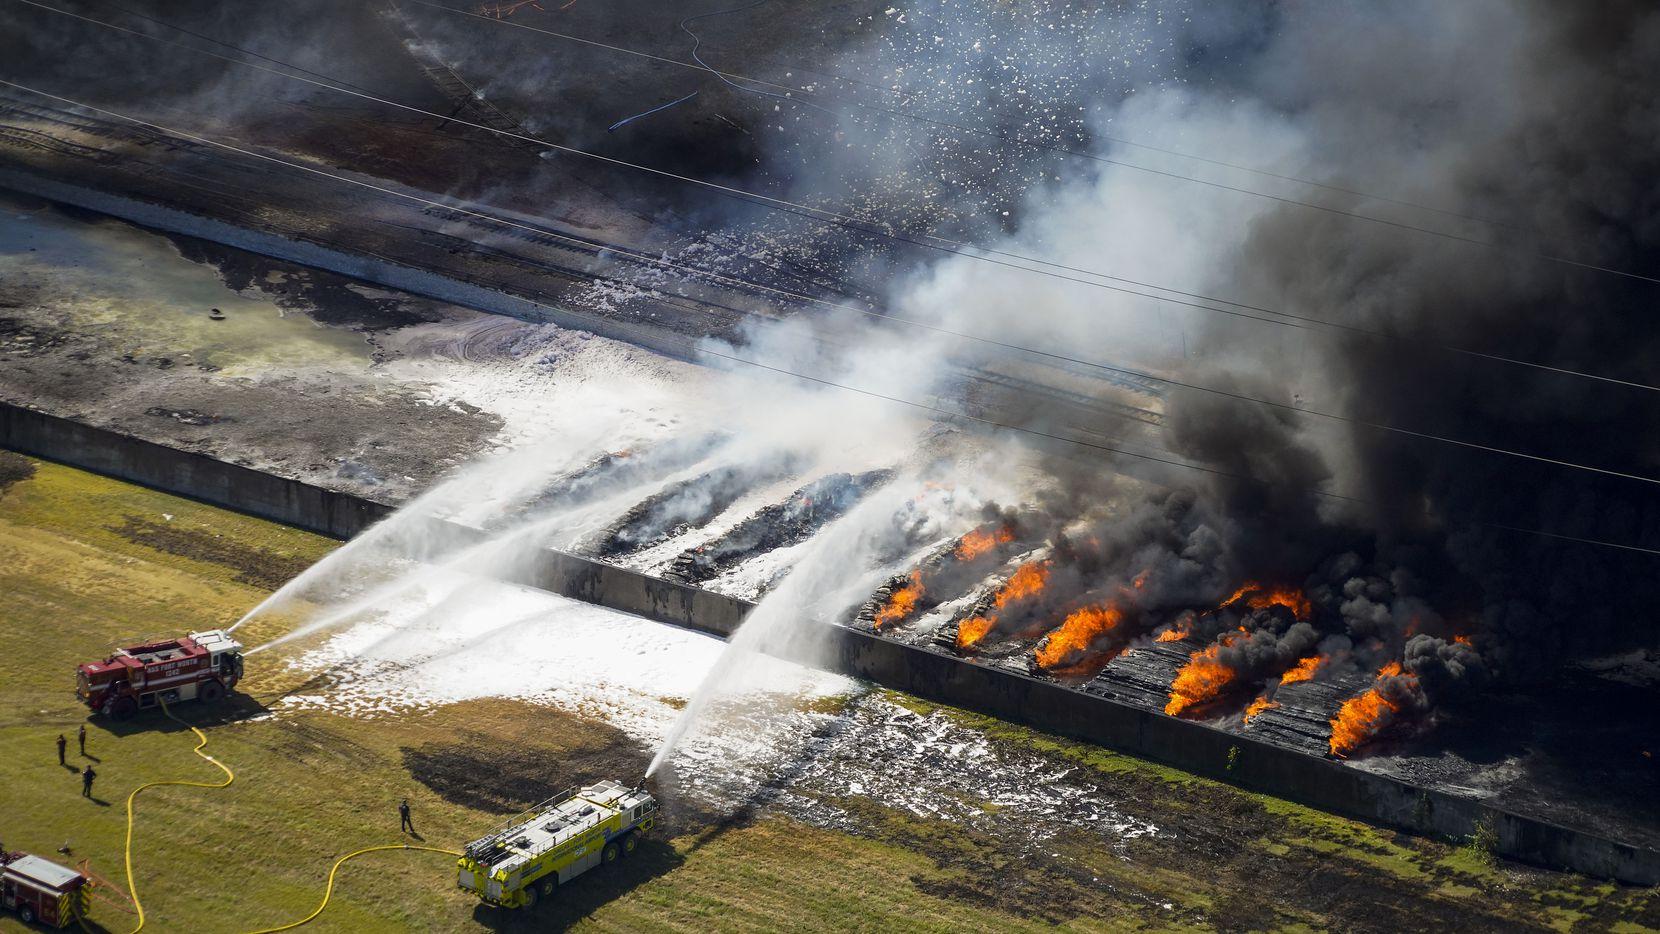 Los bomberos de Grand Prairie dicen que la fábrica continuará quemándose por los próximos dos días.